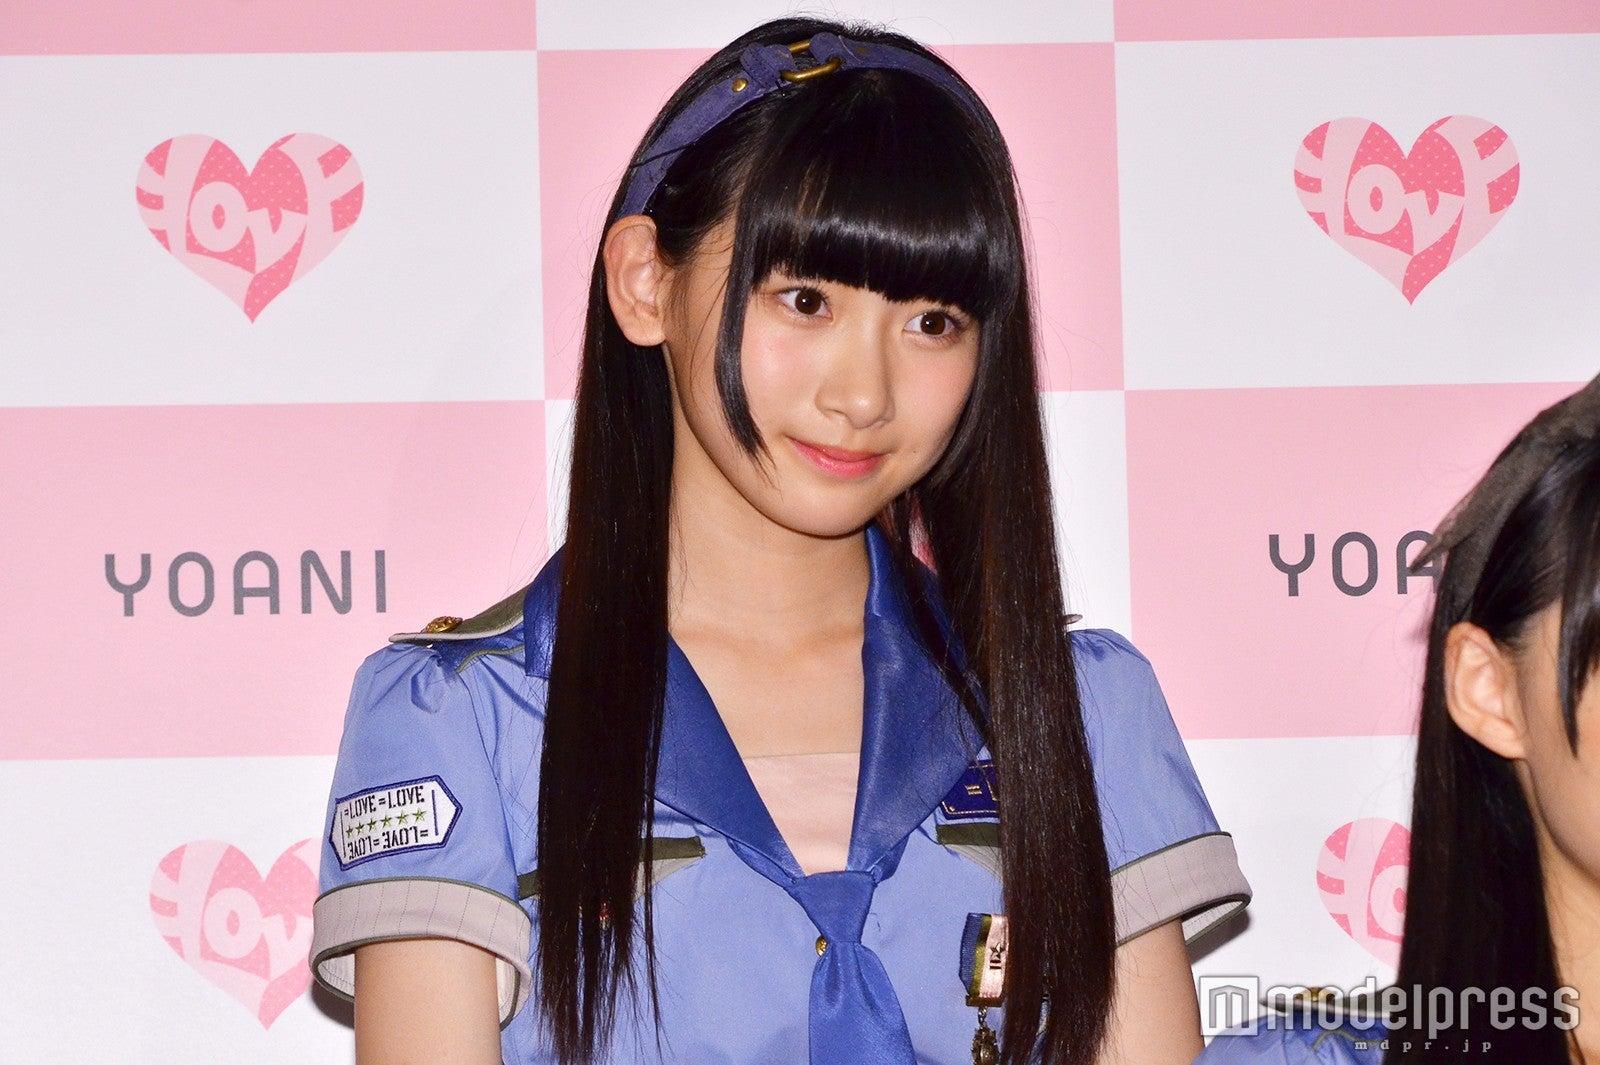 指原莉乃プロデュースアイドル「=LOVE」12人をもっと知りたい!センター高松瞳は10キロ減、元HKT48メンバーもリベンジ<プロフィール・コメント>  , モデルプレス